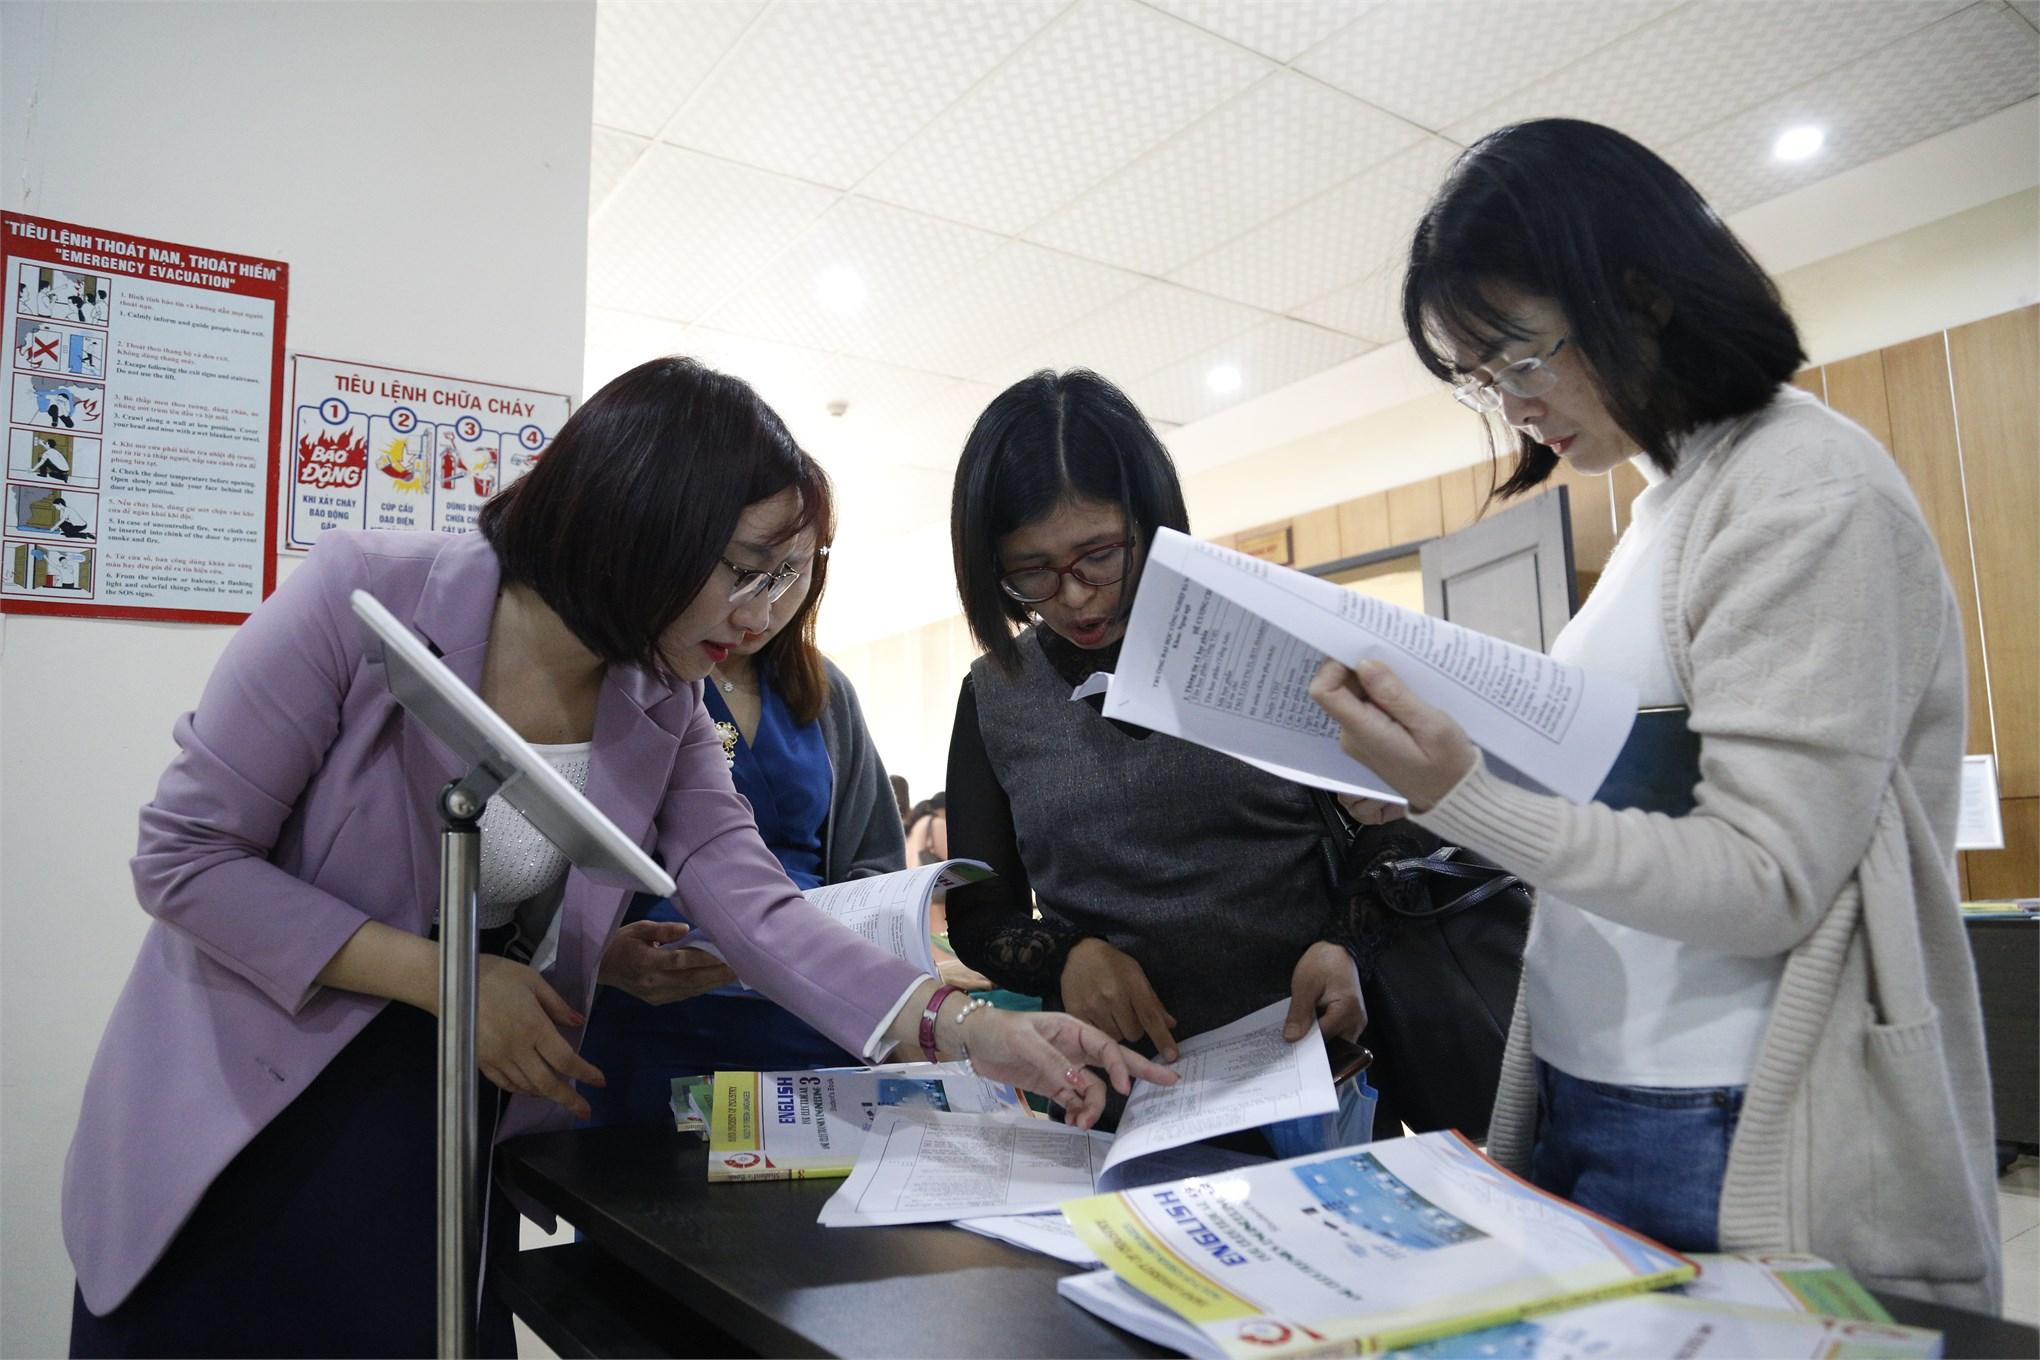 Hội nghị tập huấn, chuyển giao phần mềm và học liệu tiếng Anh Điện – Điện tử cho các trường trực thuộc Bộ Công Thương